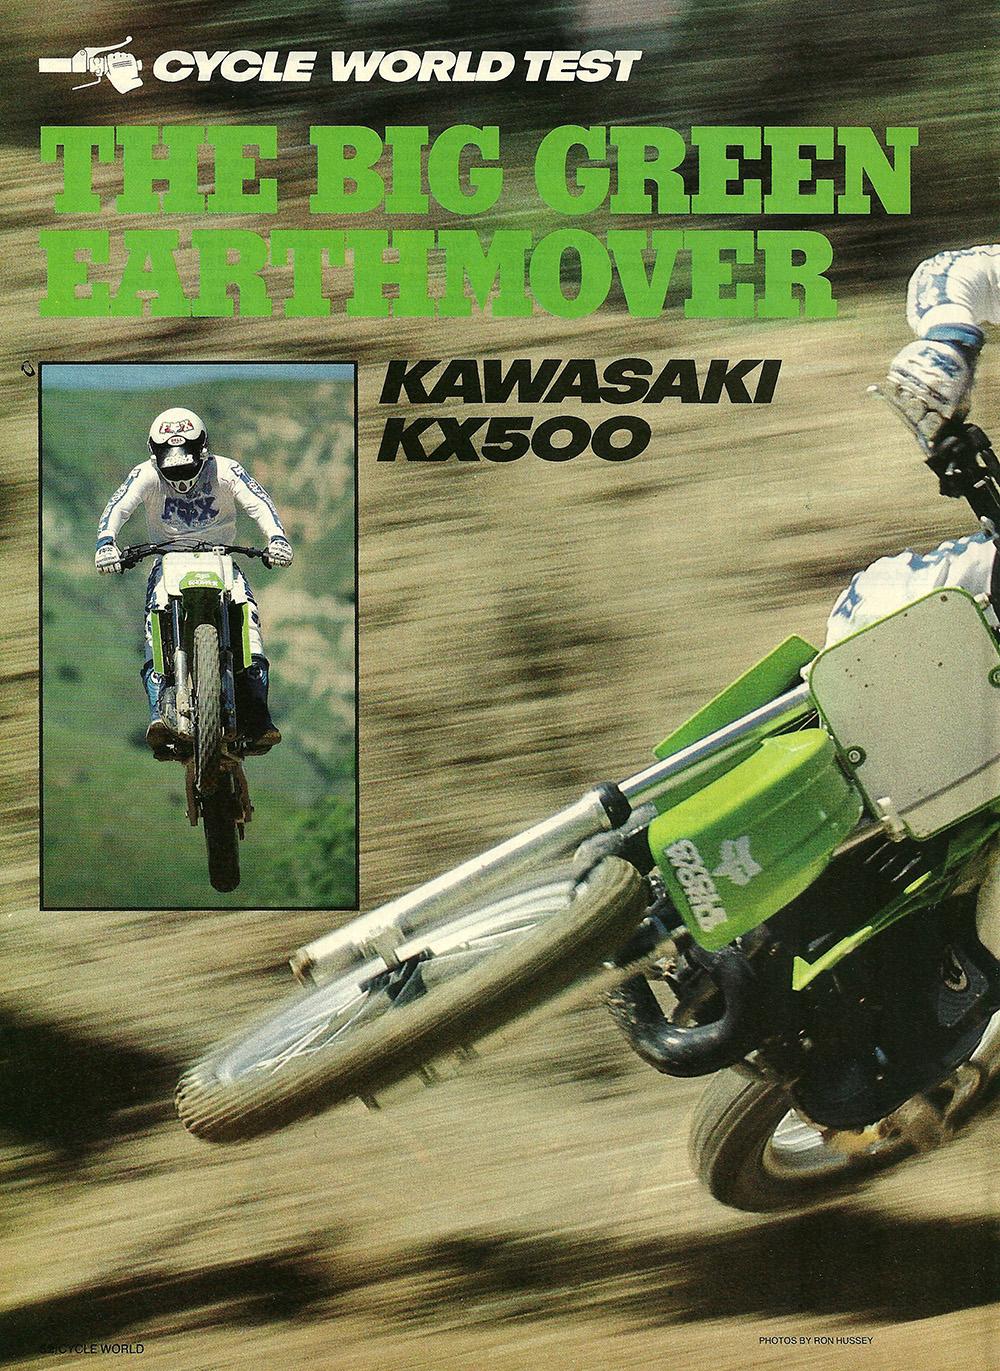 1986 Kawasaki KX500 road test 01.jpg